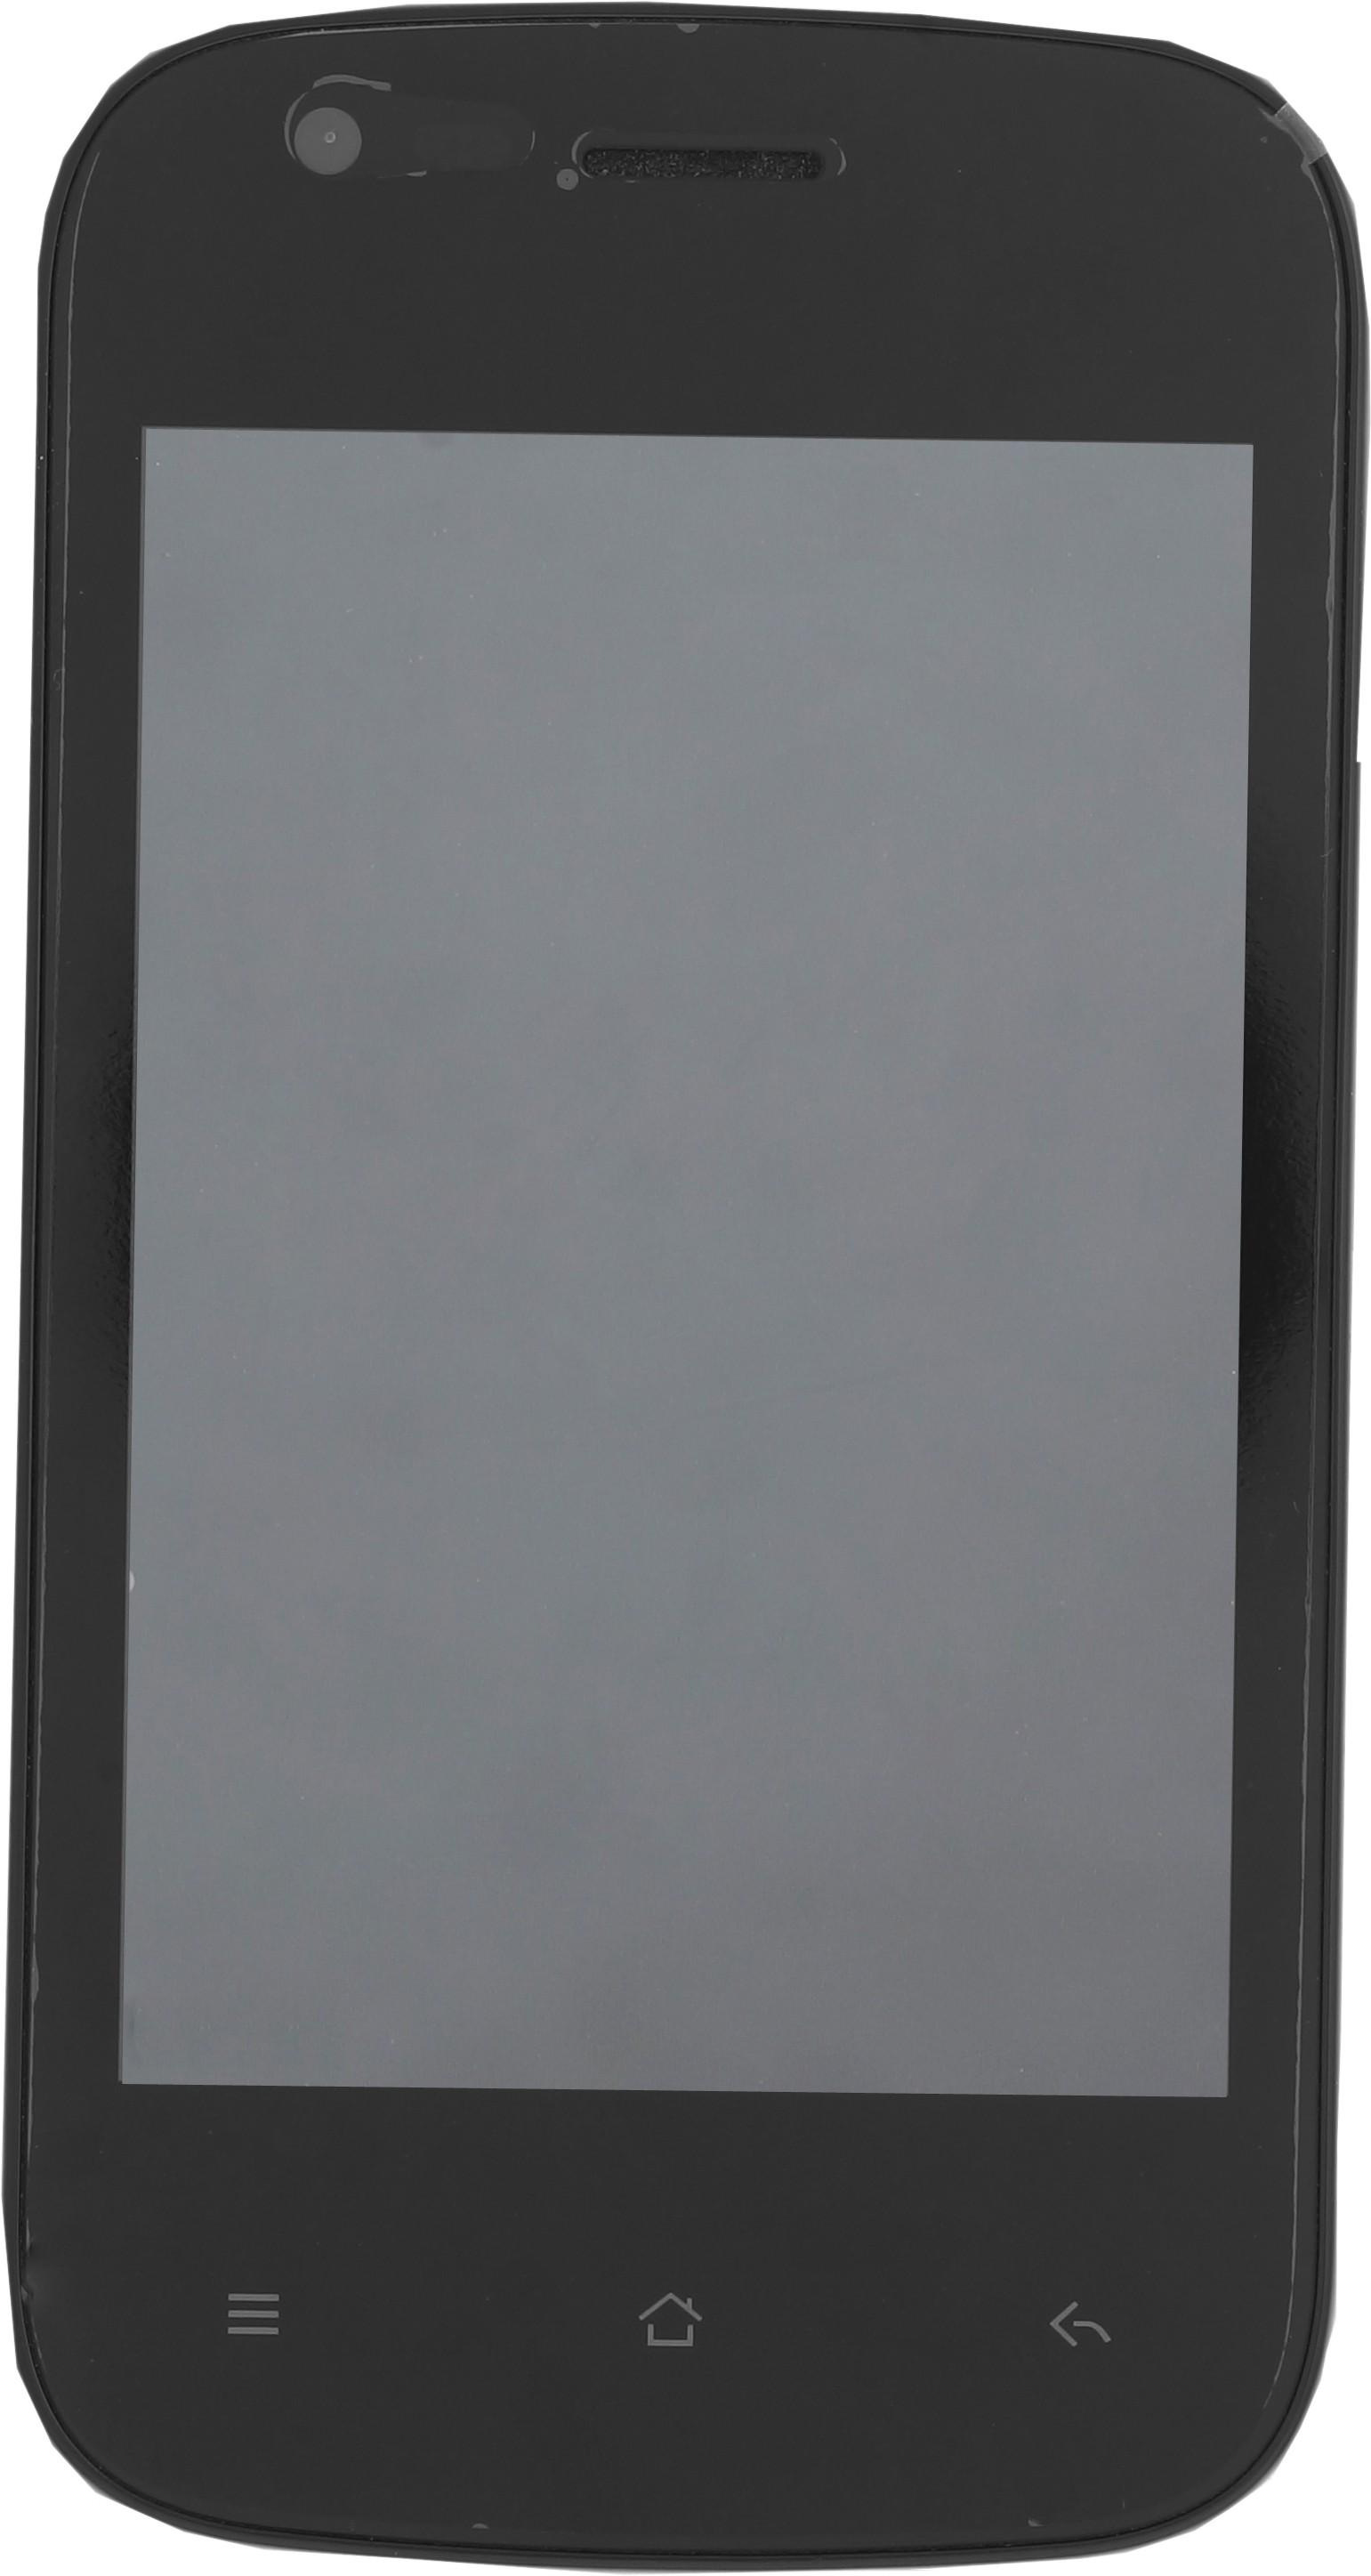 Blu Smarty (256MB RAM, 2GB)